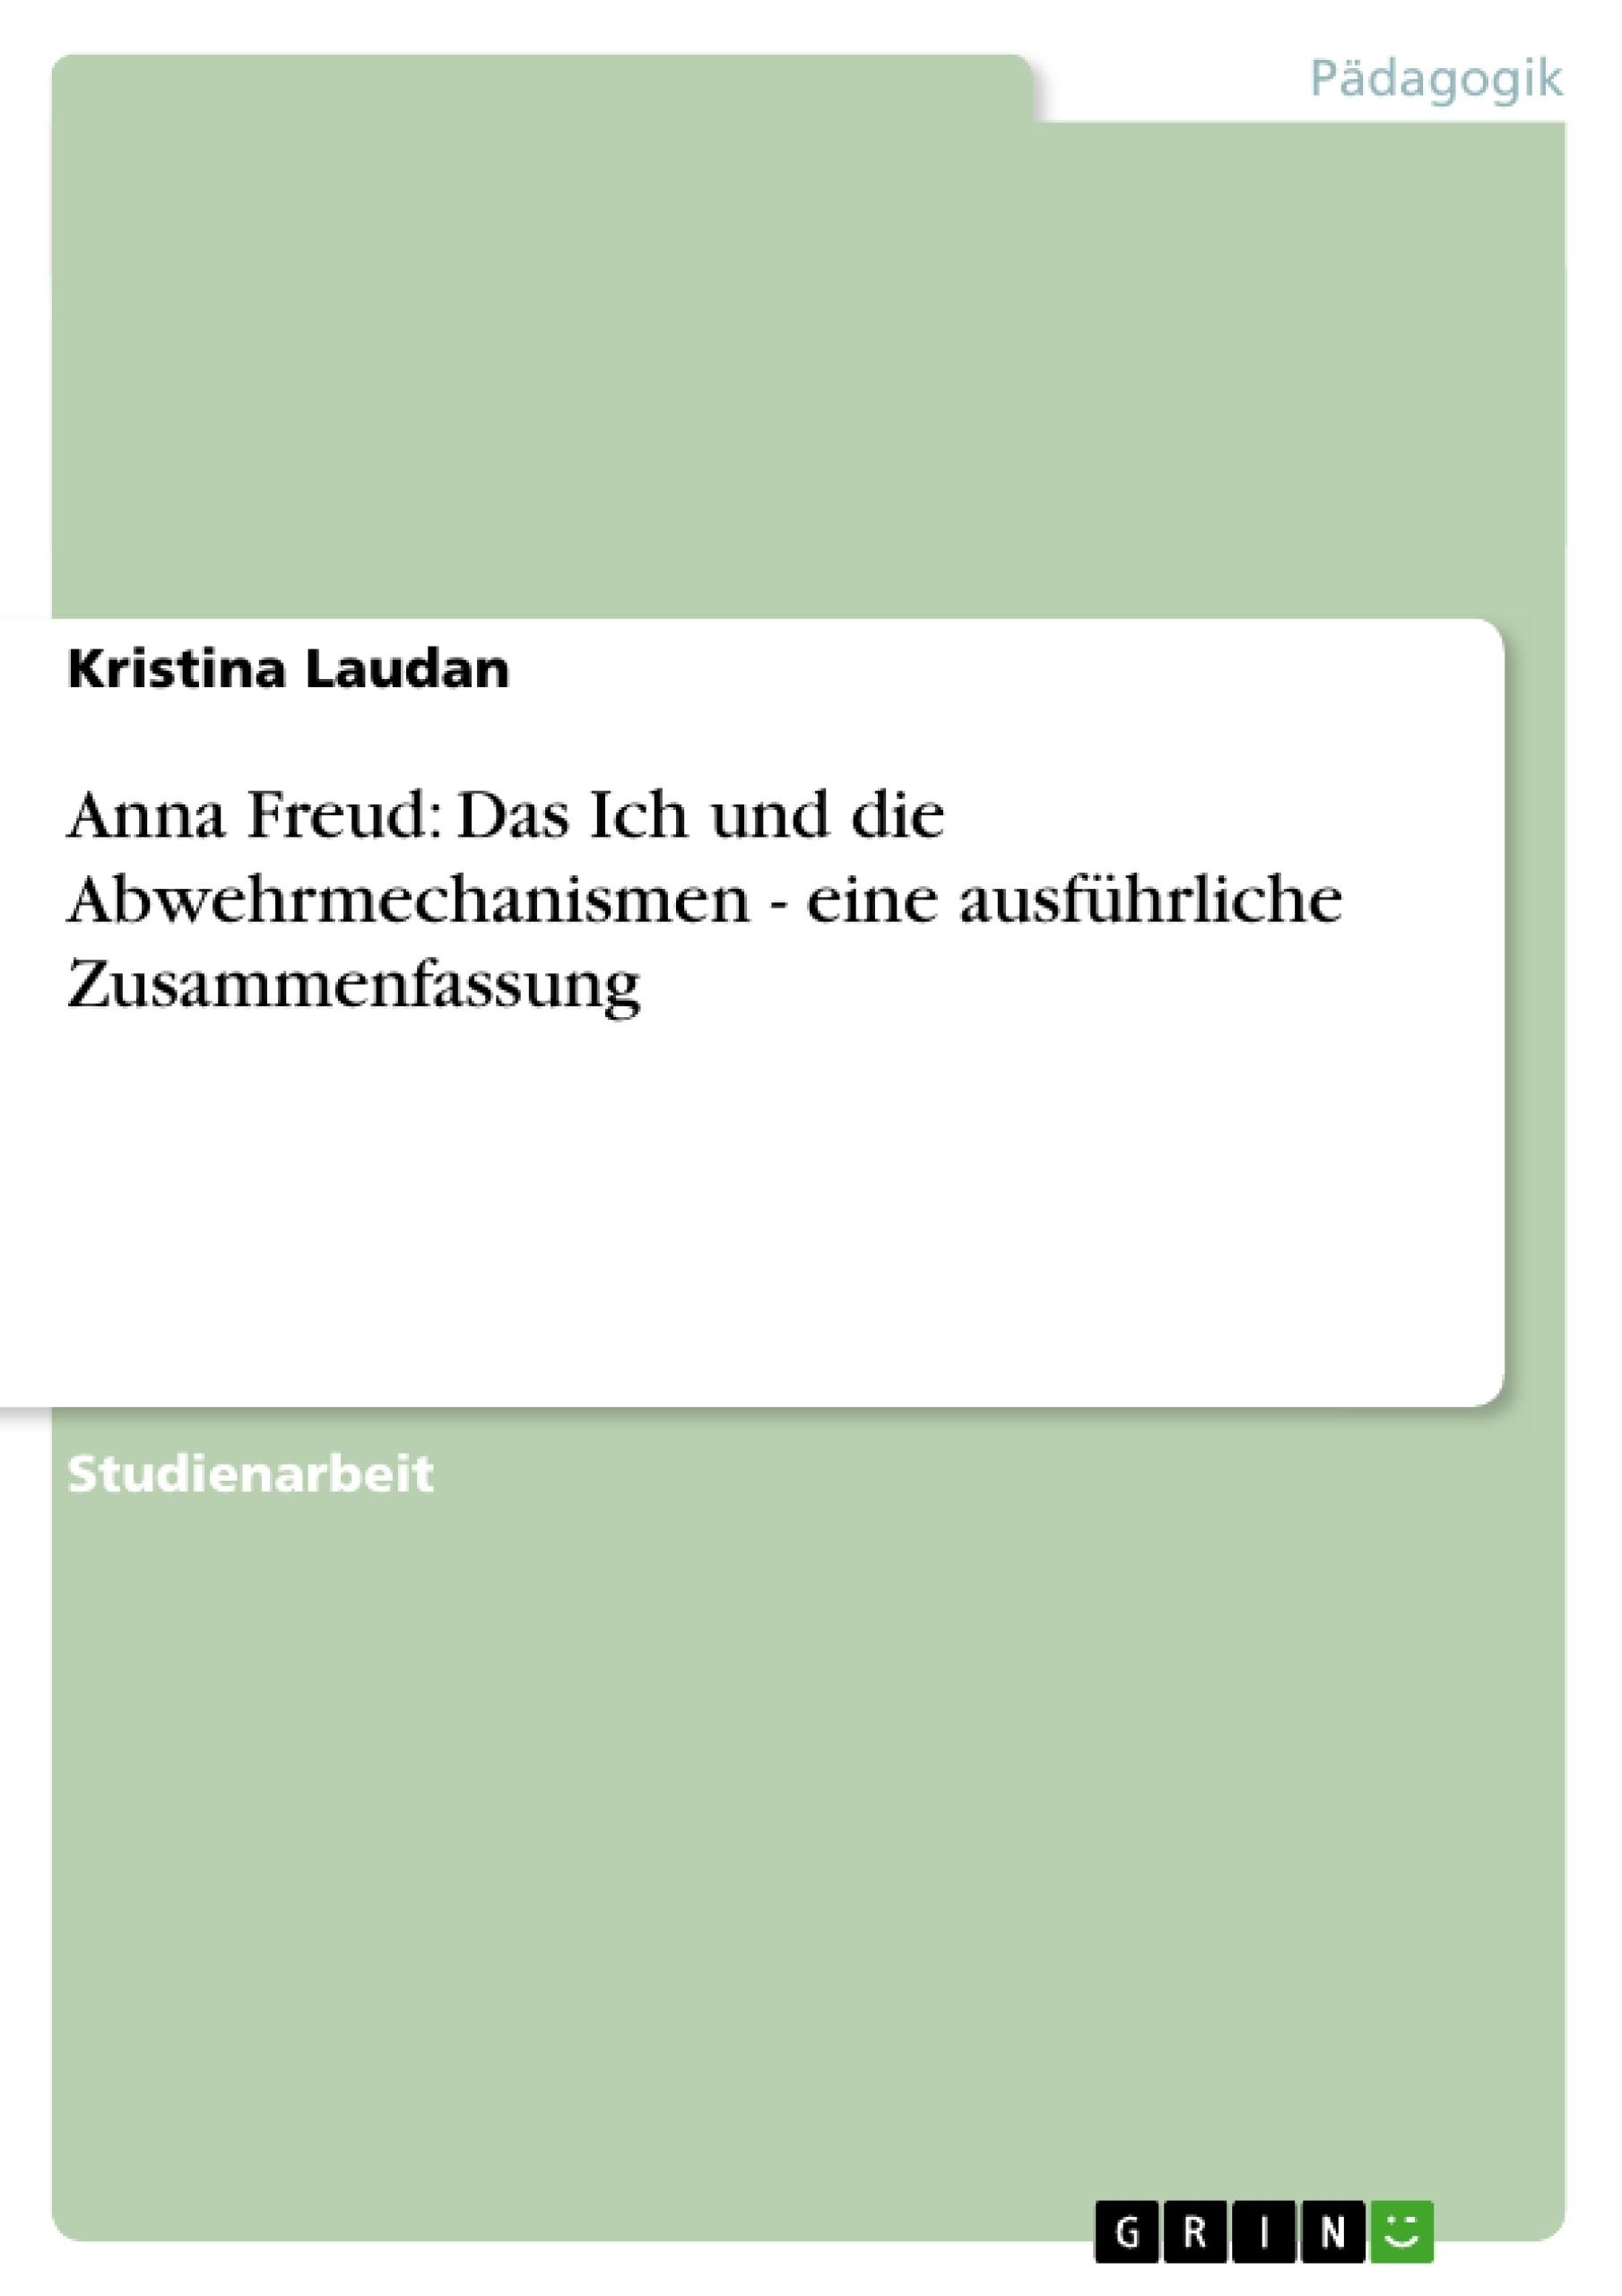 Abwehrmechanismen Freud Beispiele hausarbeiten.de - anna freud: das ich und die abwehrmechanismen - eine  ausführliche zusammenfassung